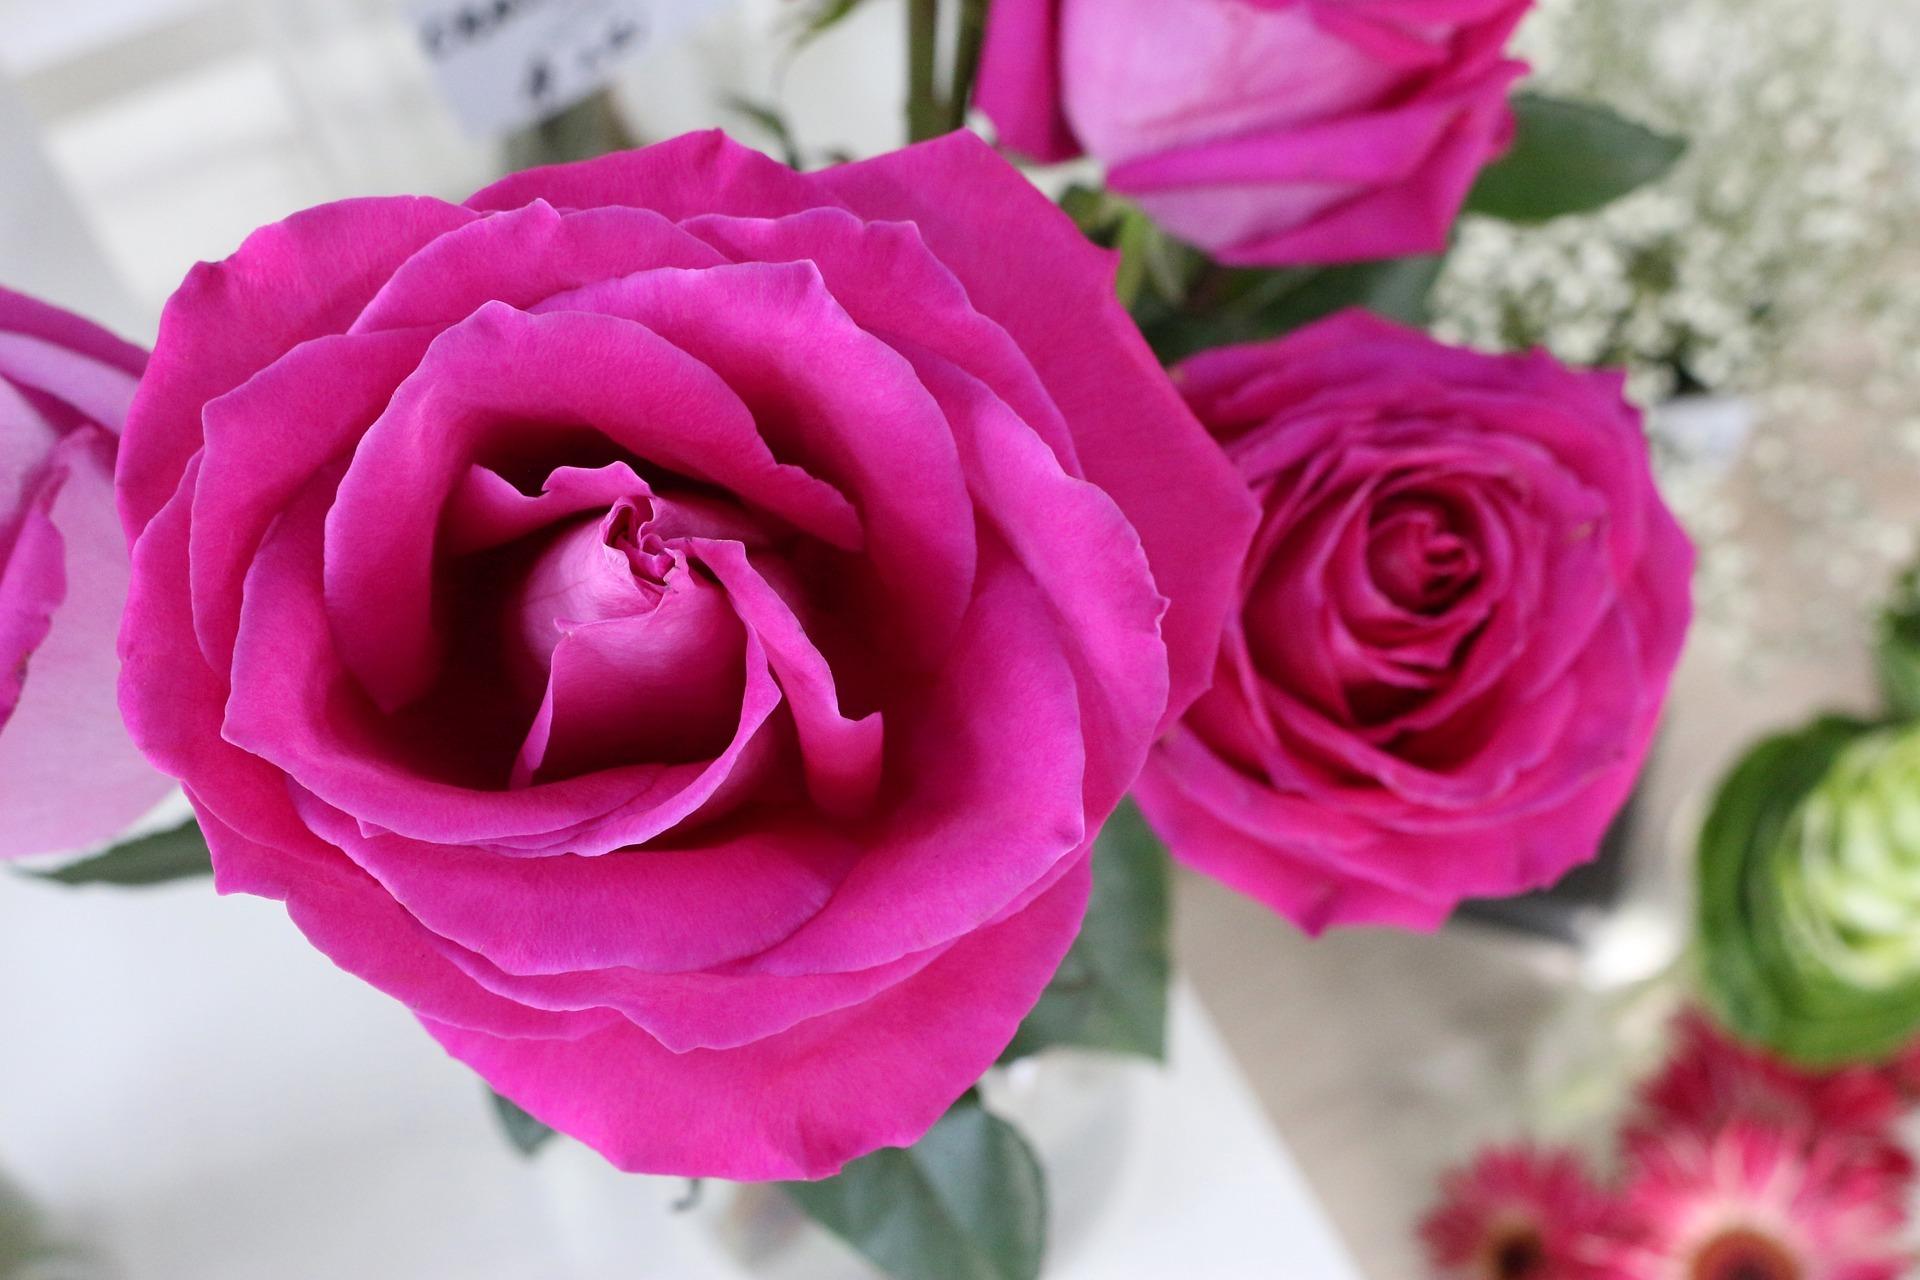 rose-3040085_1920